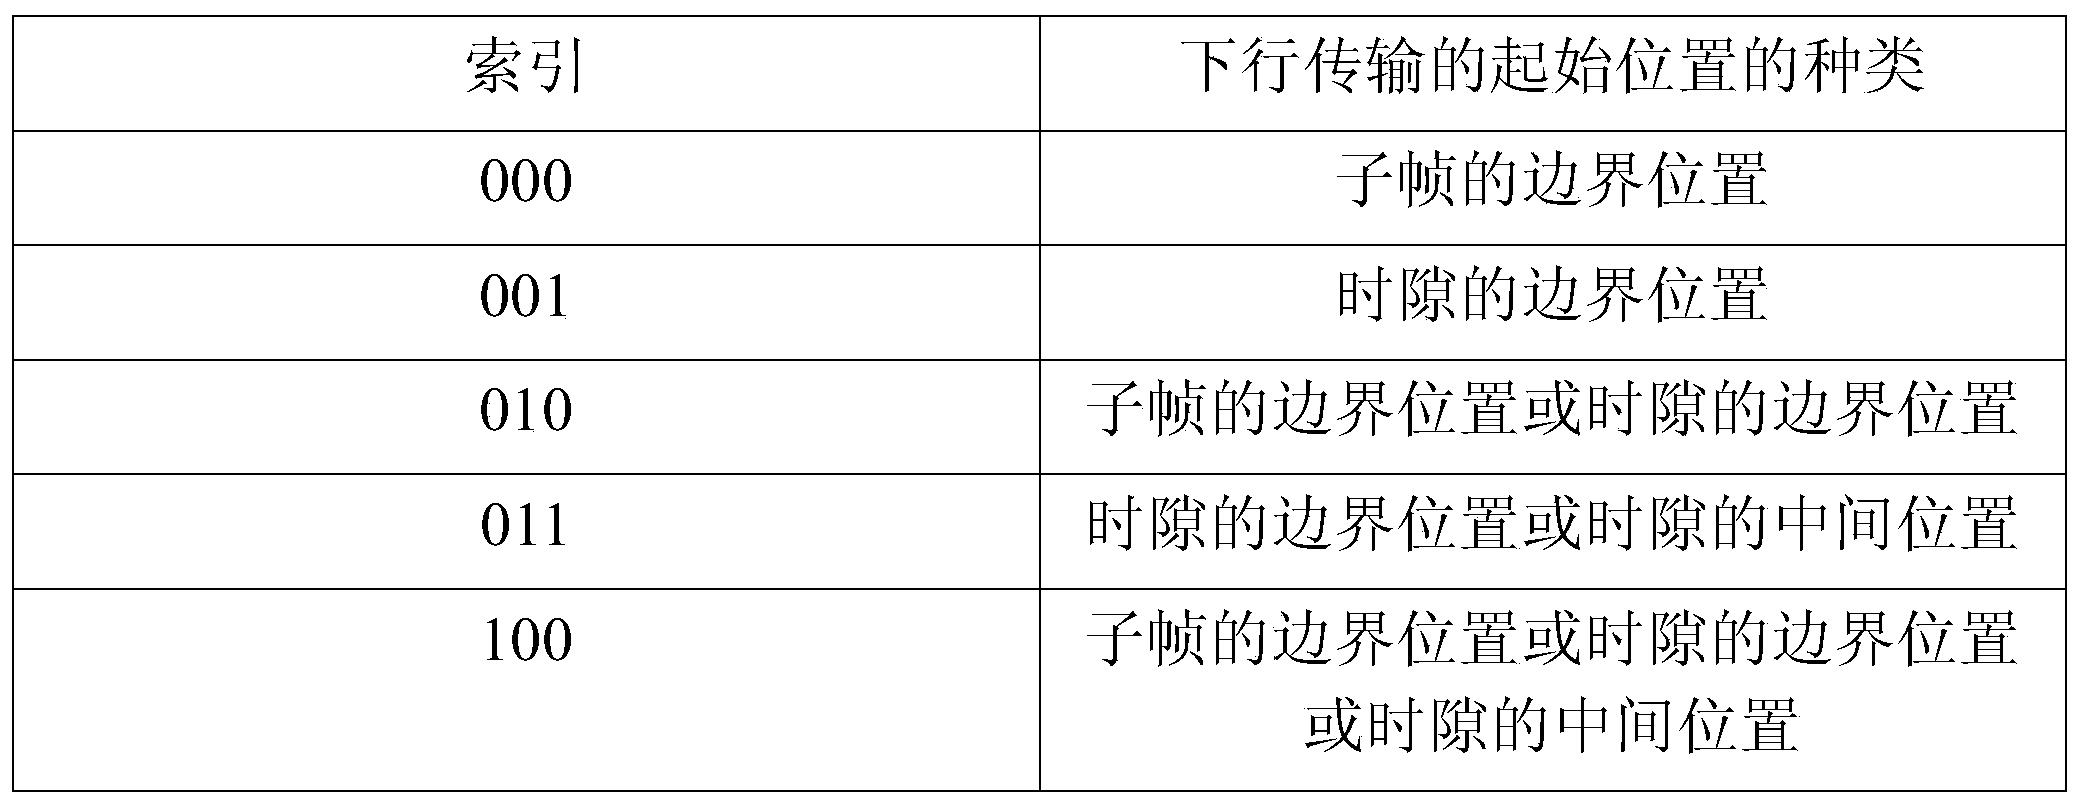 Figure PCTCN2019074665-appb-000003